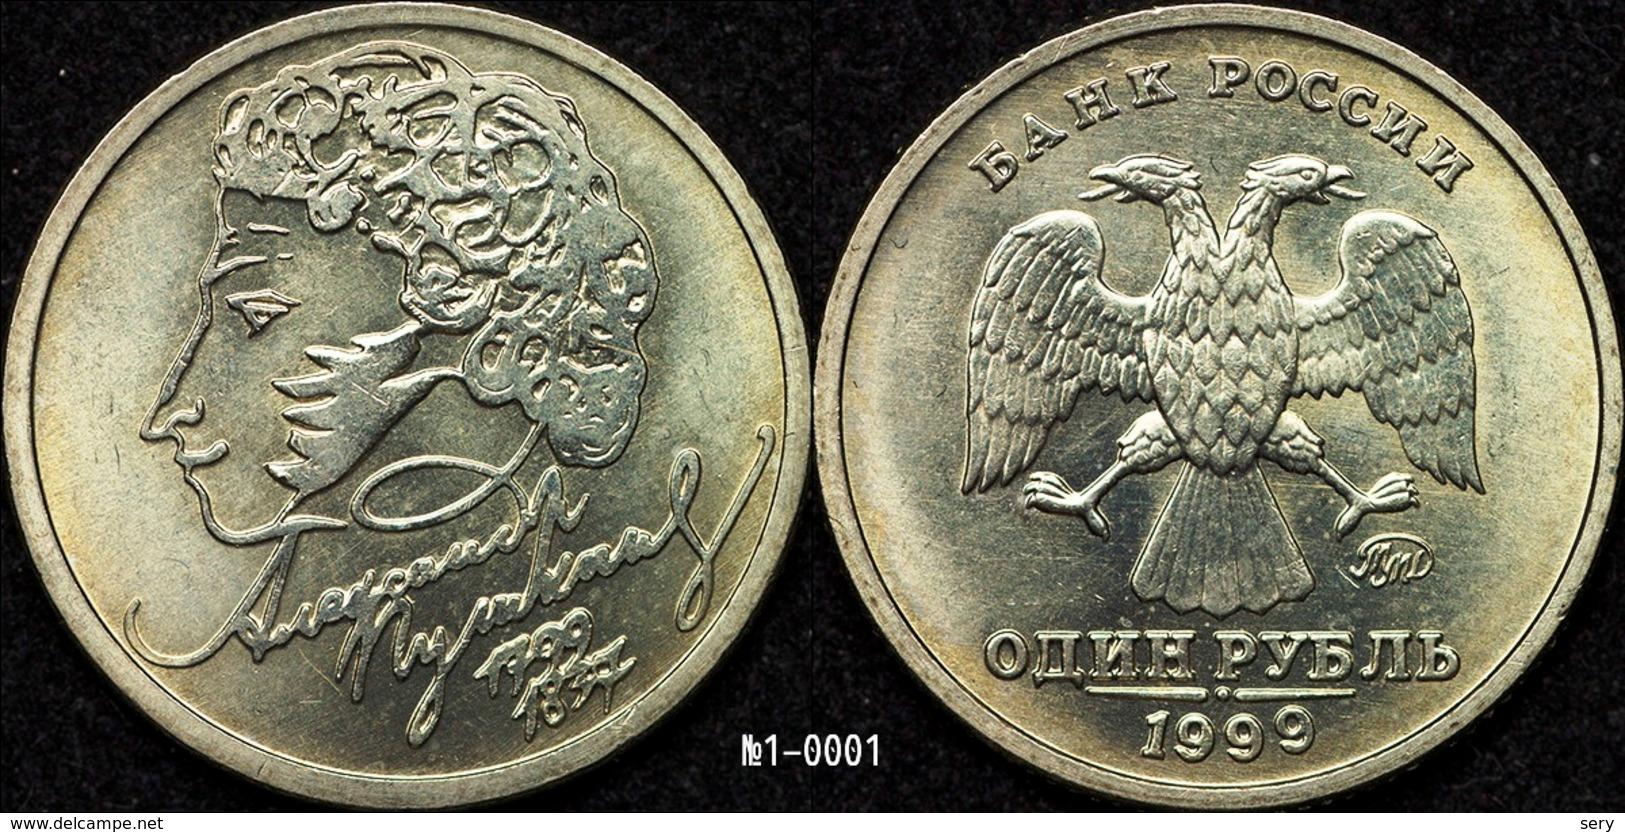 Russia 1999 1 Ruble  200th Anniversary Of The Birth Of Pushkin - Russia